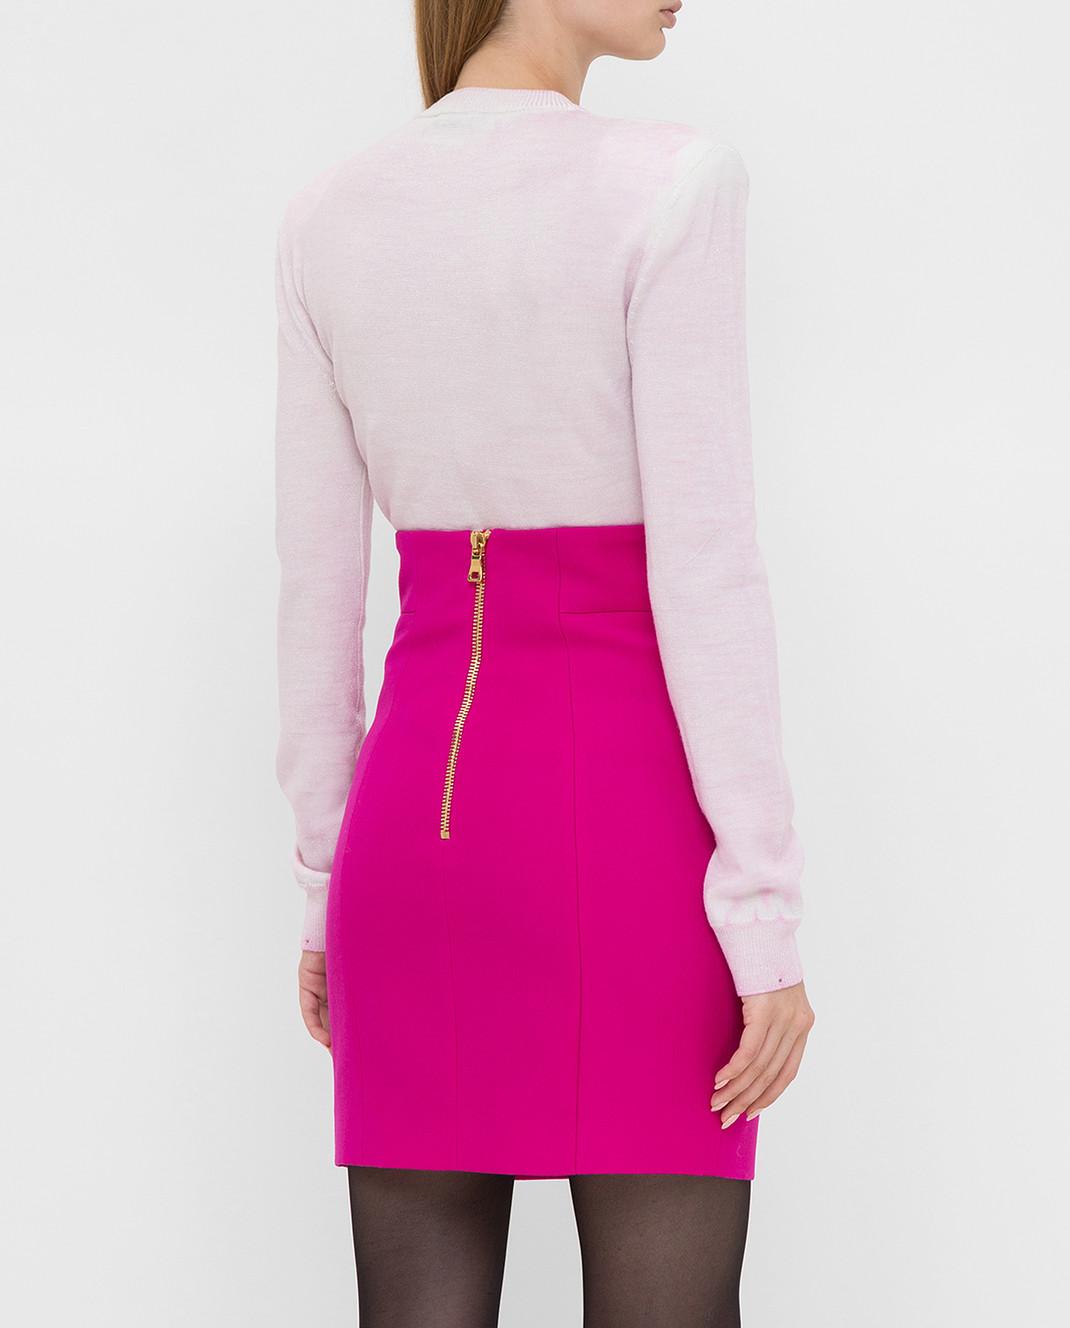 Balmain Светло-розовый свитер из шерсти изображение 4